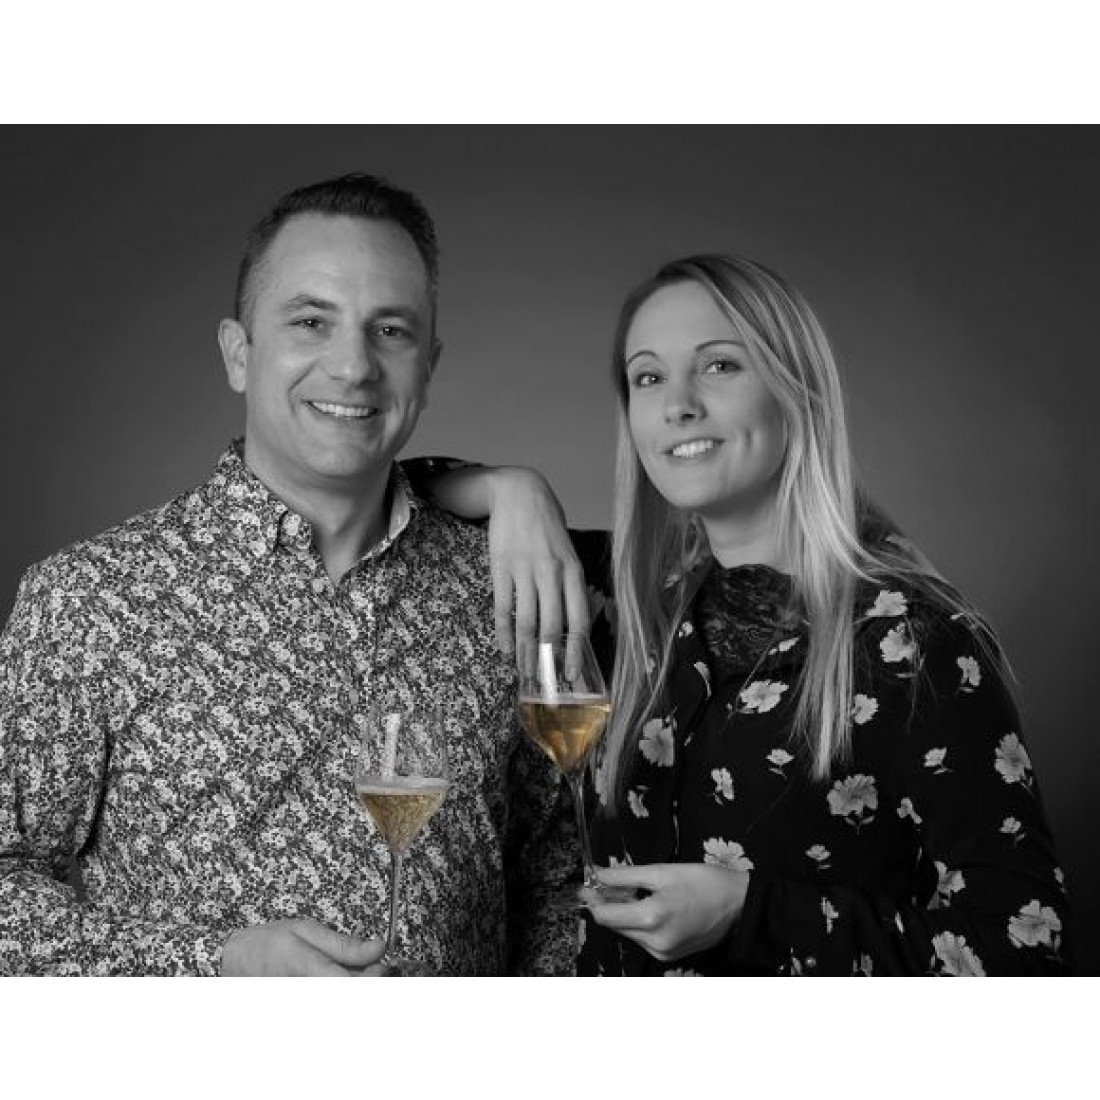 Charlier et Fils smagning onsdag den 2 oktober kl. 19.00 I Champagnekælderen-32